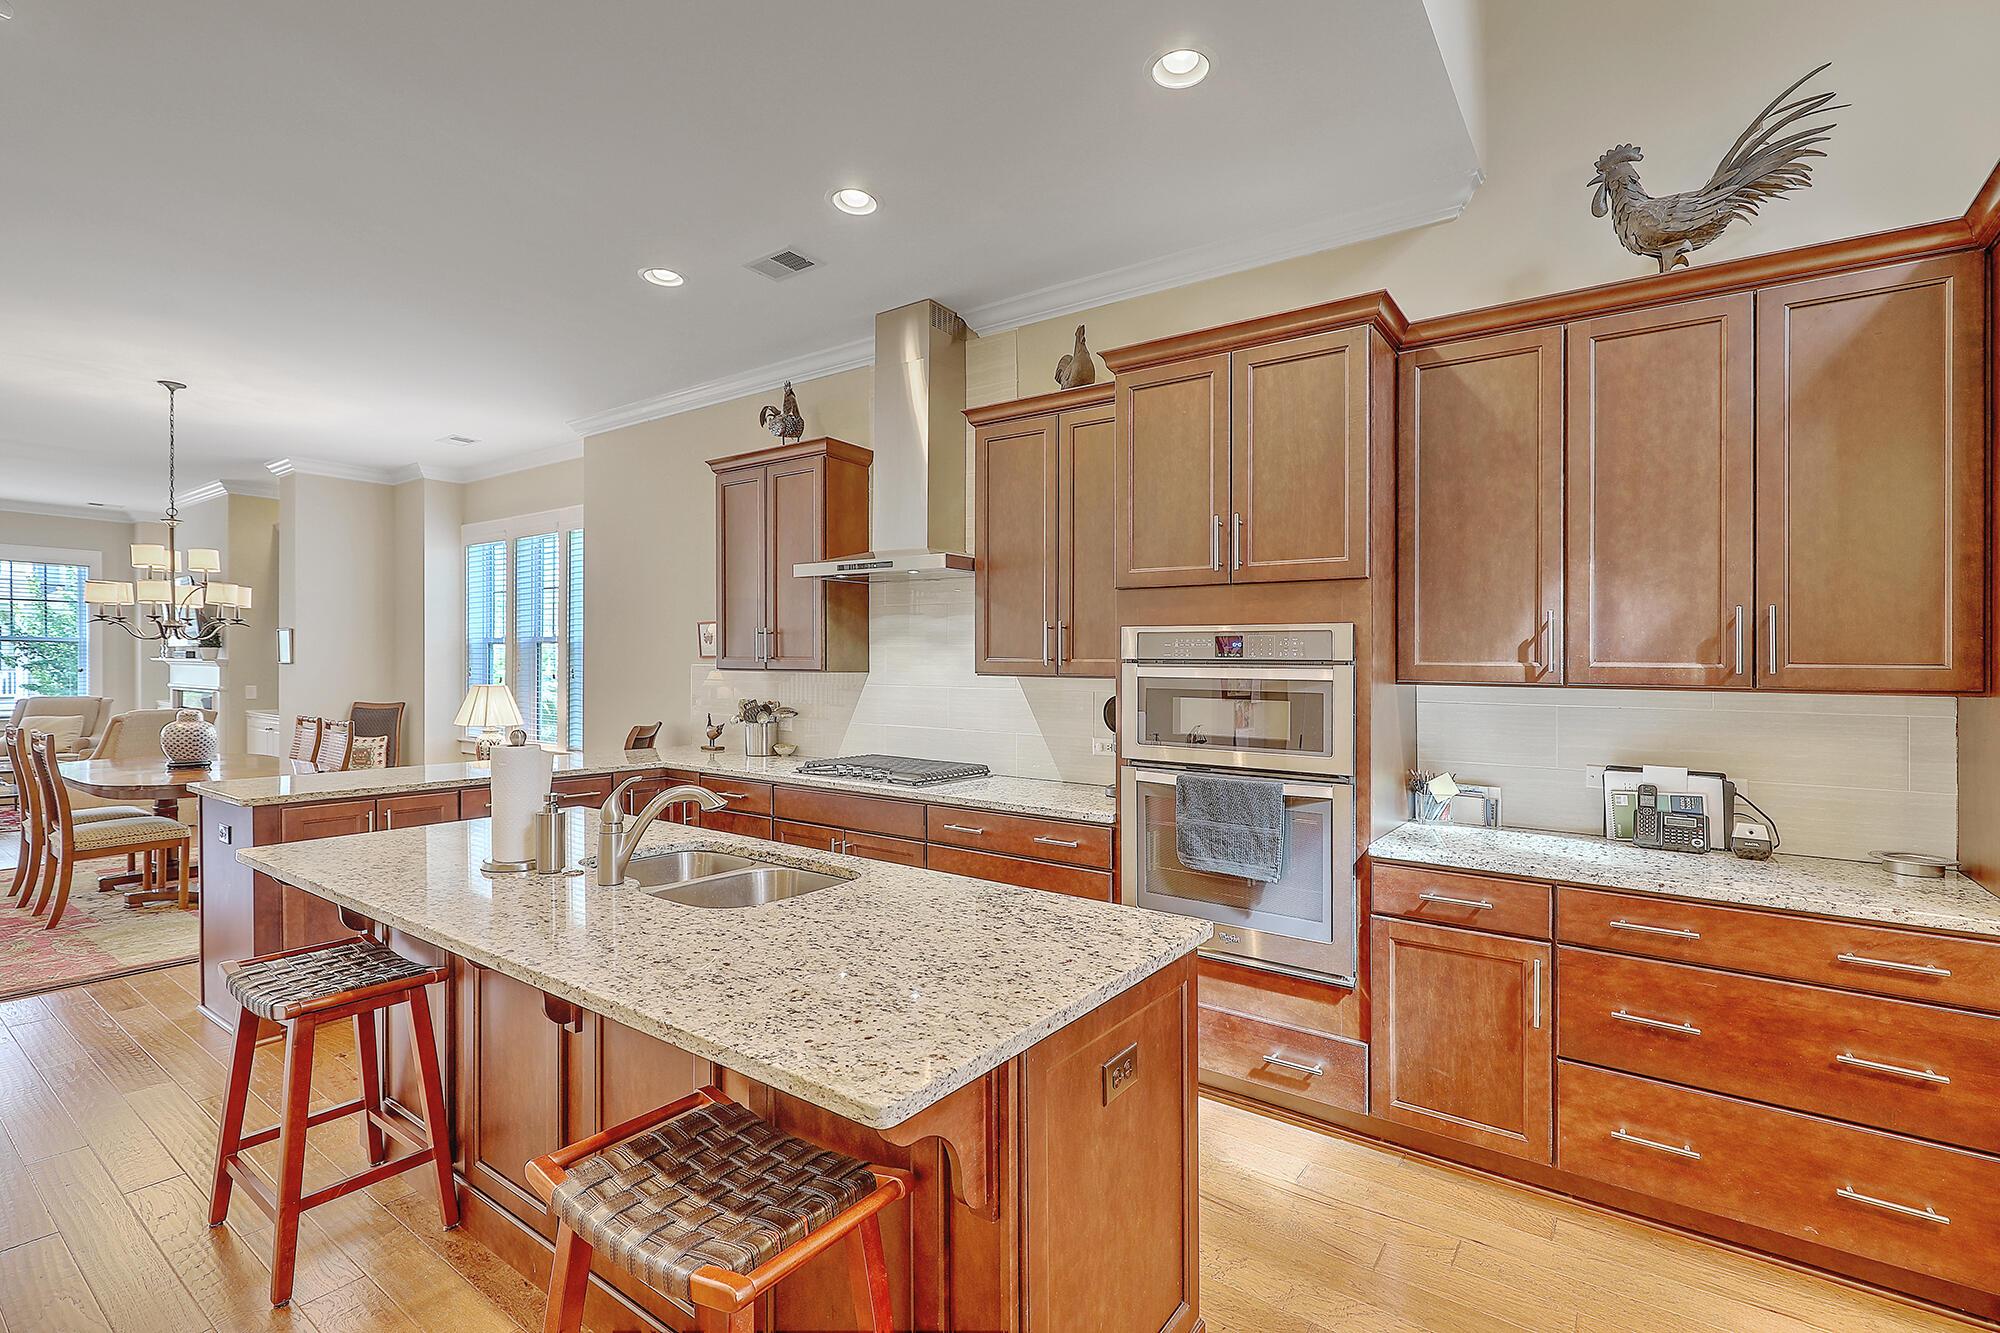 Dunes West Homes For Sale - 3171 Sturbridge, Mount Pleasant, SC - 54